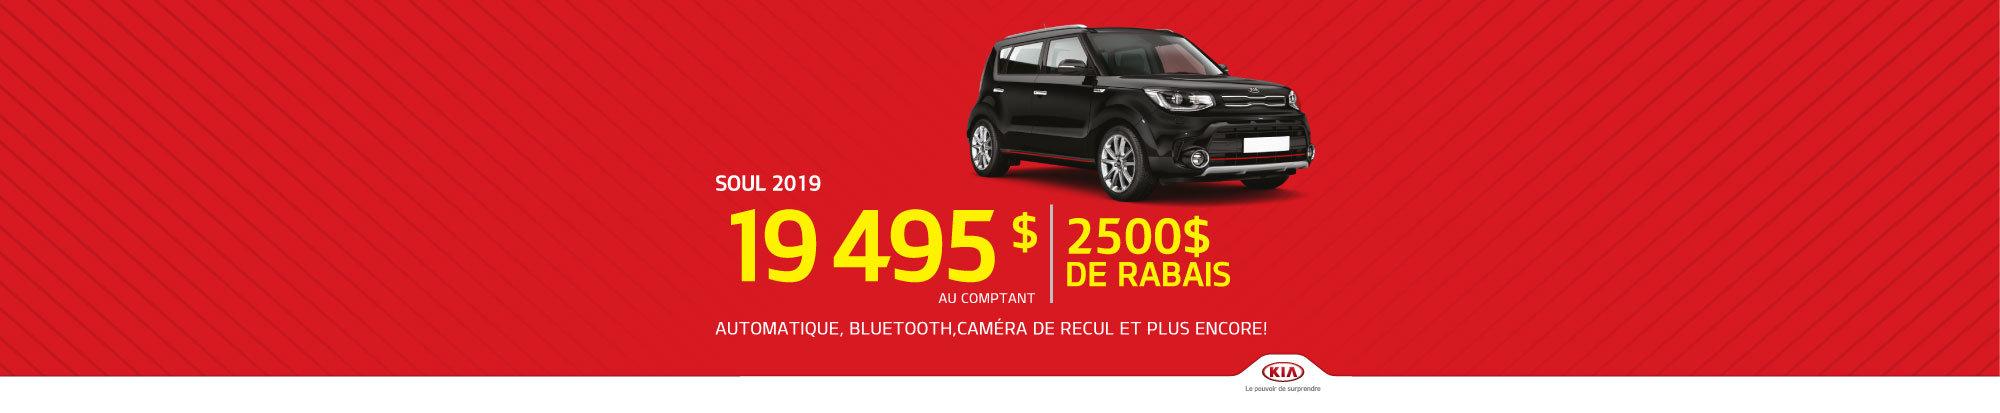 La Kia Soul 2019 - 2 500$ de rabais!